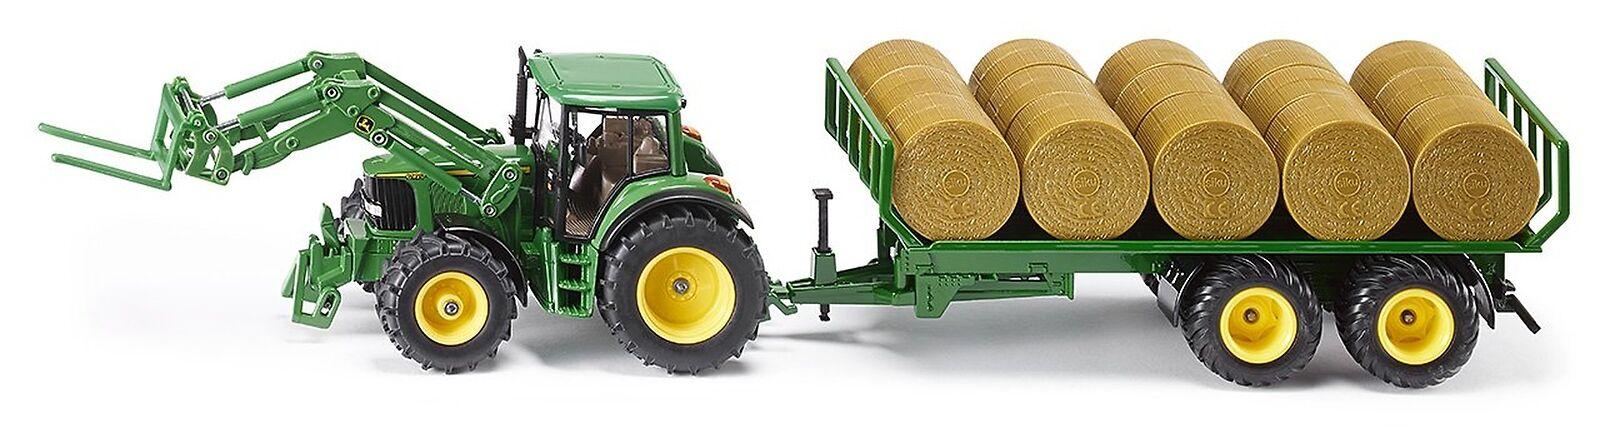 Siku - 1 32 John Deere Tracteur avec Remorque & balles rondes